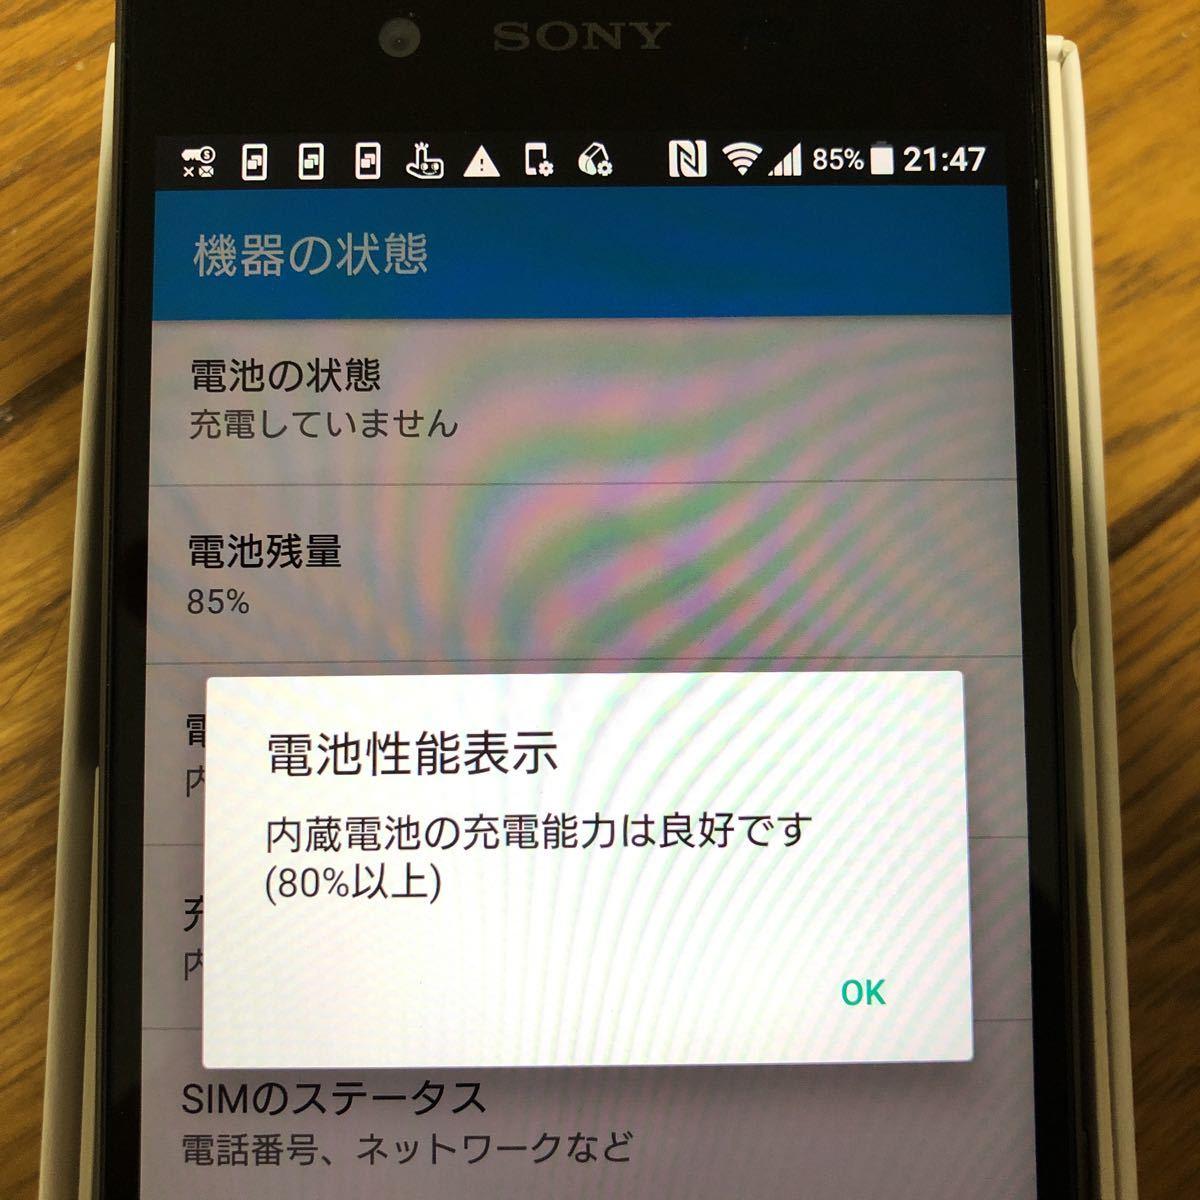 ☆送料無料☆ docomo Xperia Z5 SO-0H SIMロック解除済み ブラック 中古品 ネットワーク利用制限なし_画像10